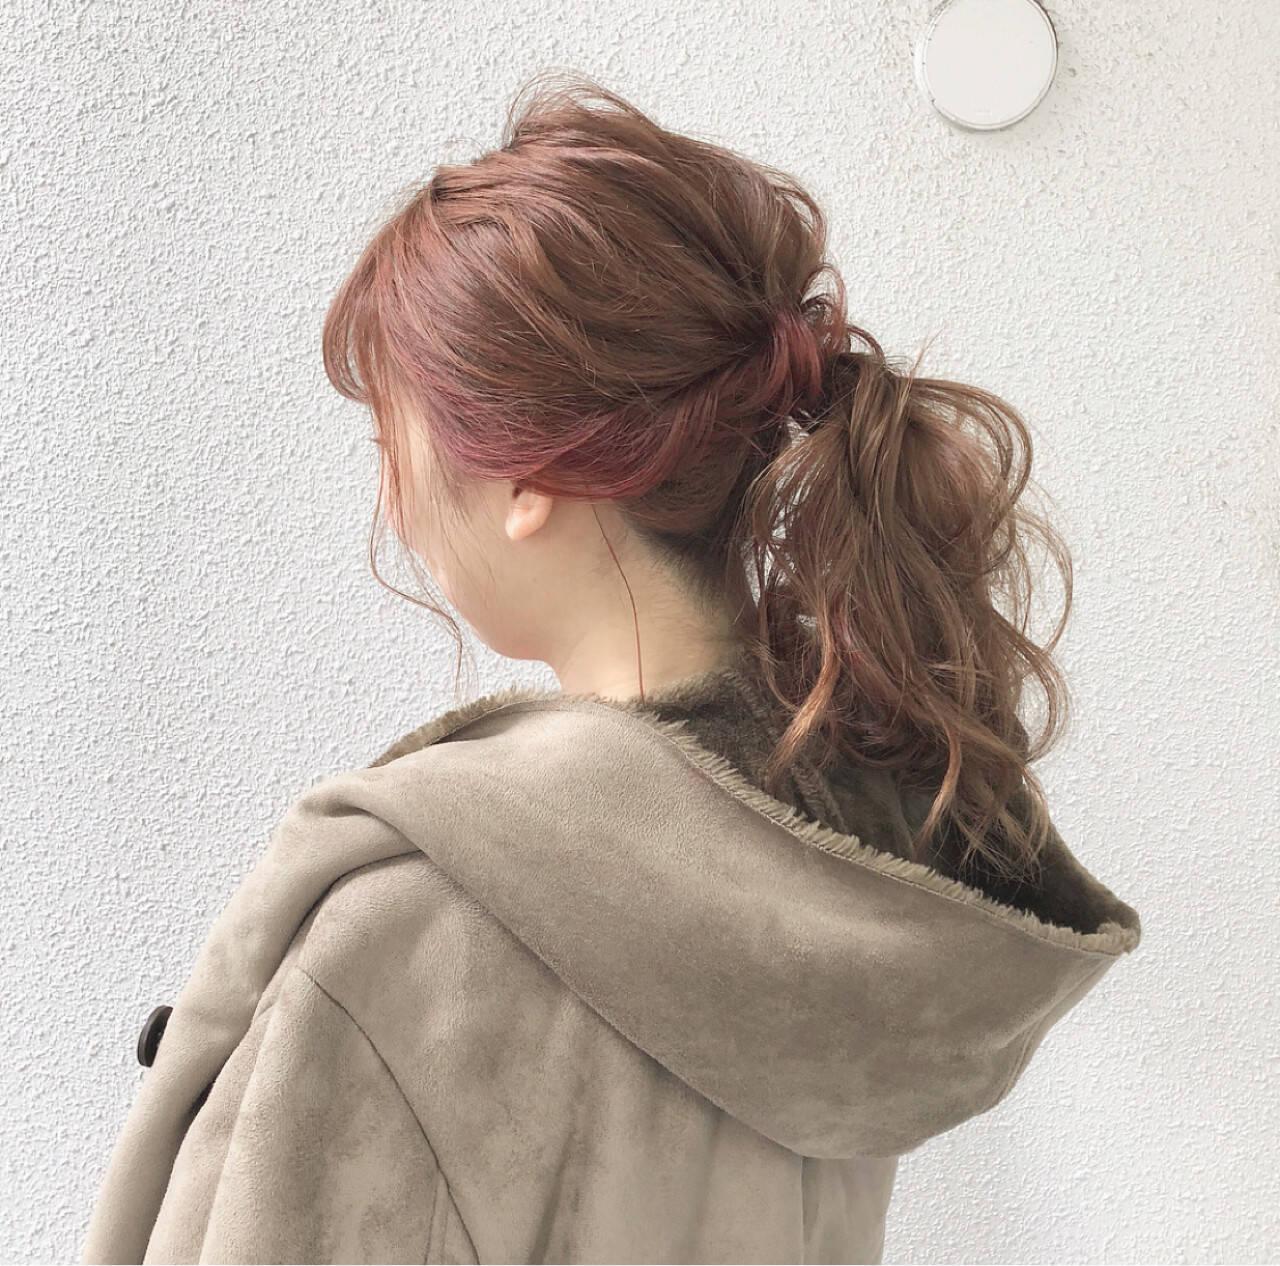 ポニーテール デート ナチュラル ヘアアレンジヘアスタイルや髪型の写真・画像